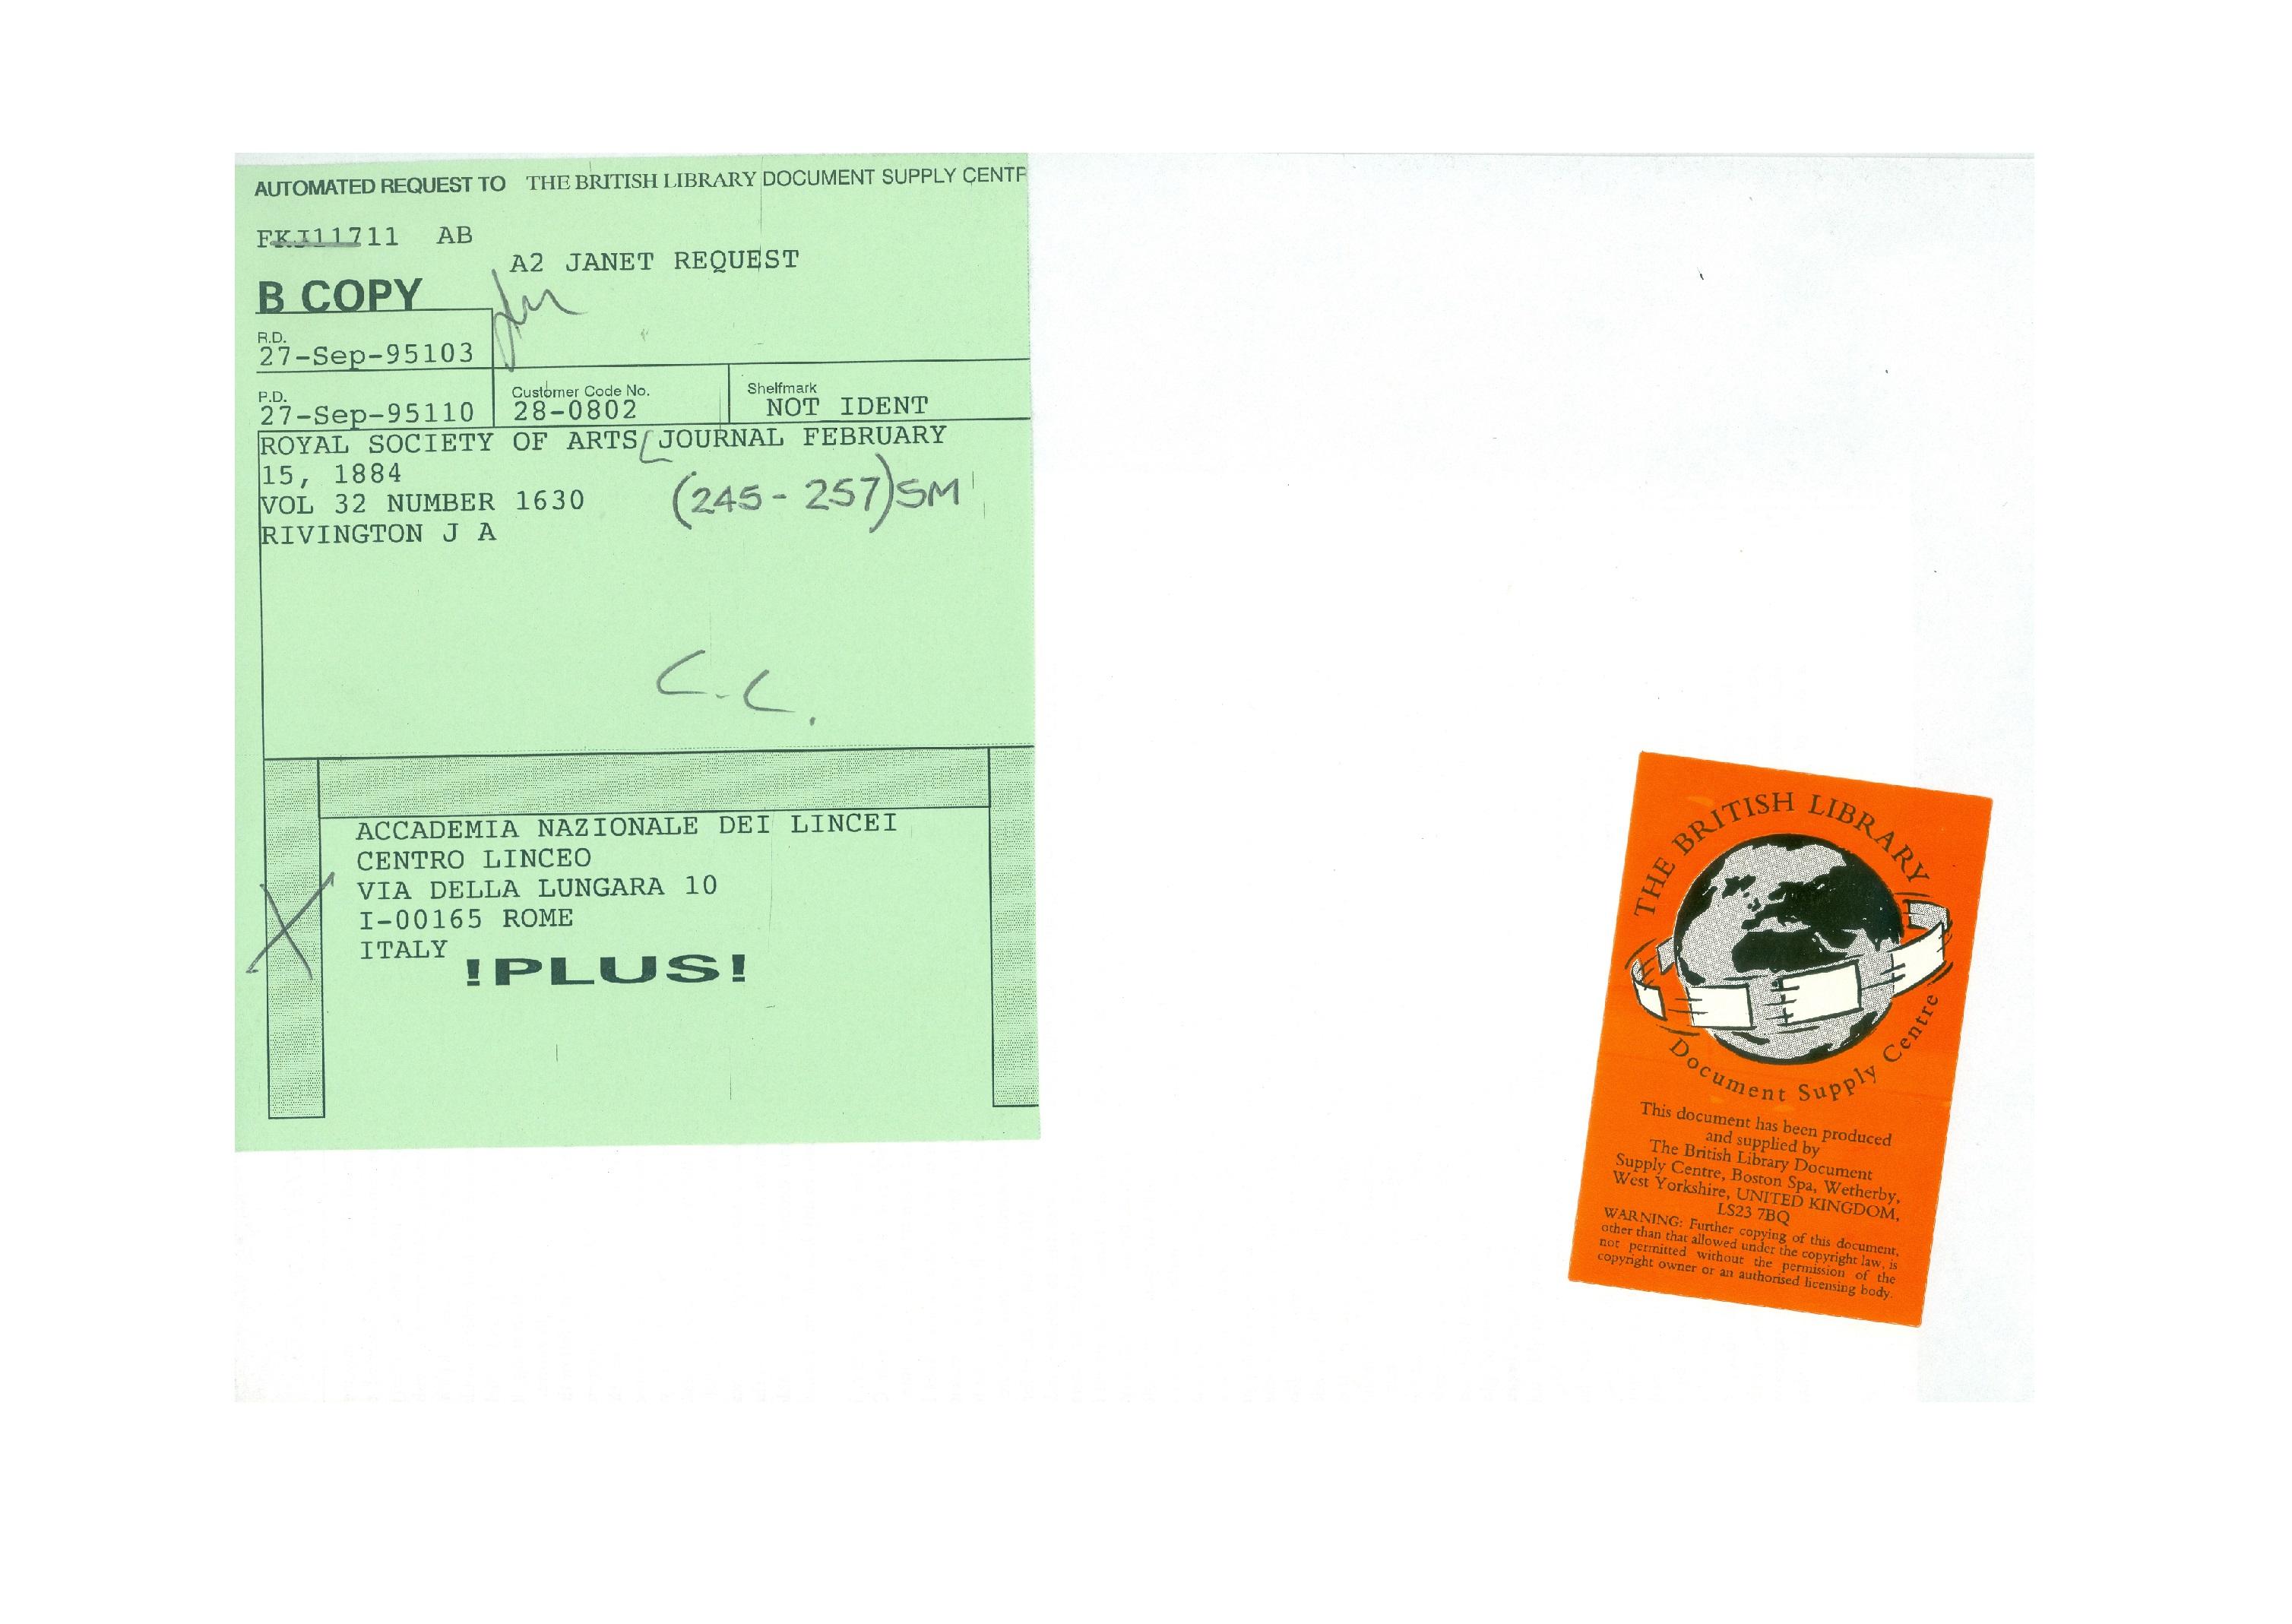 L'adesivo arancione che si trova sul verso della prima pagina dell'articolo inviato dal Document Supply Centre della British Library e il cedolino verde